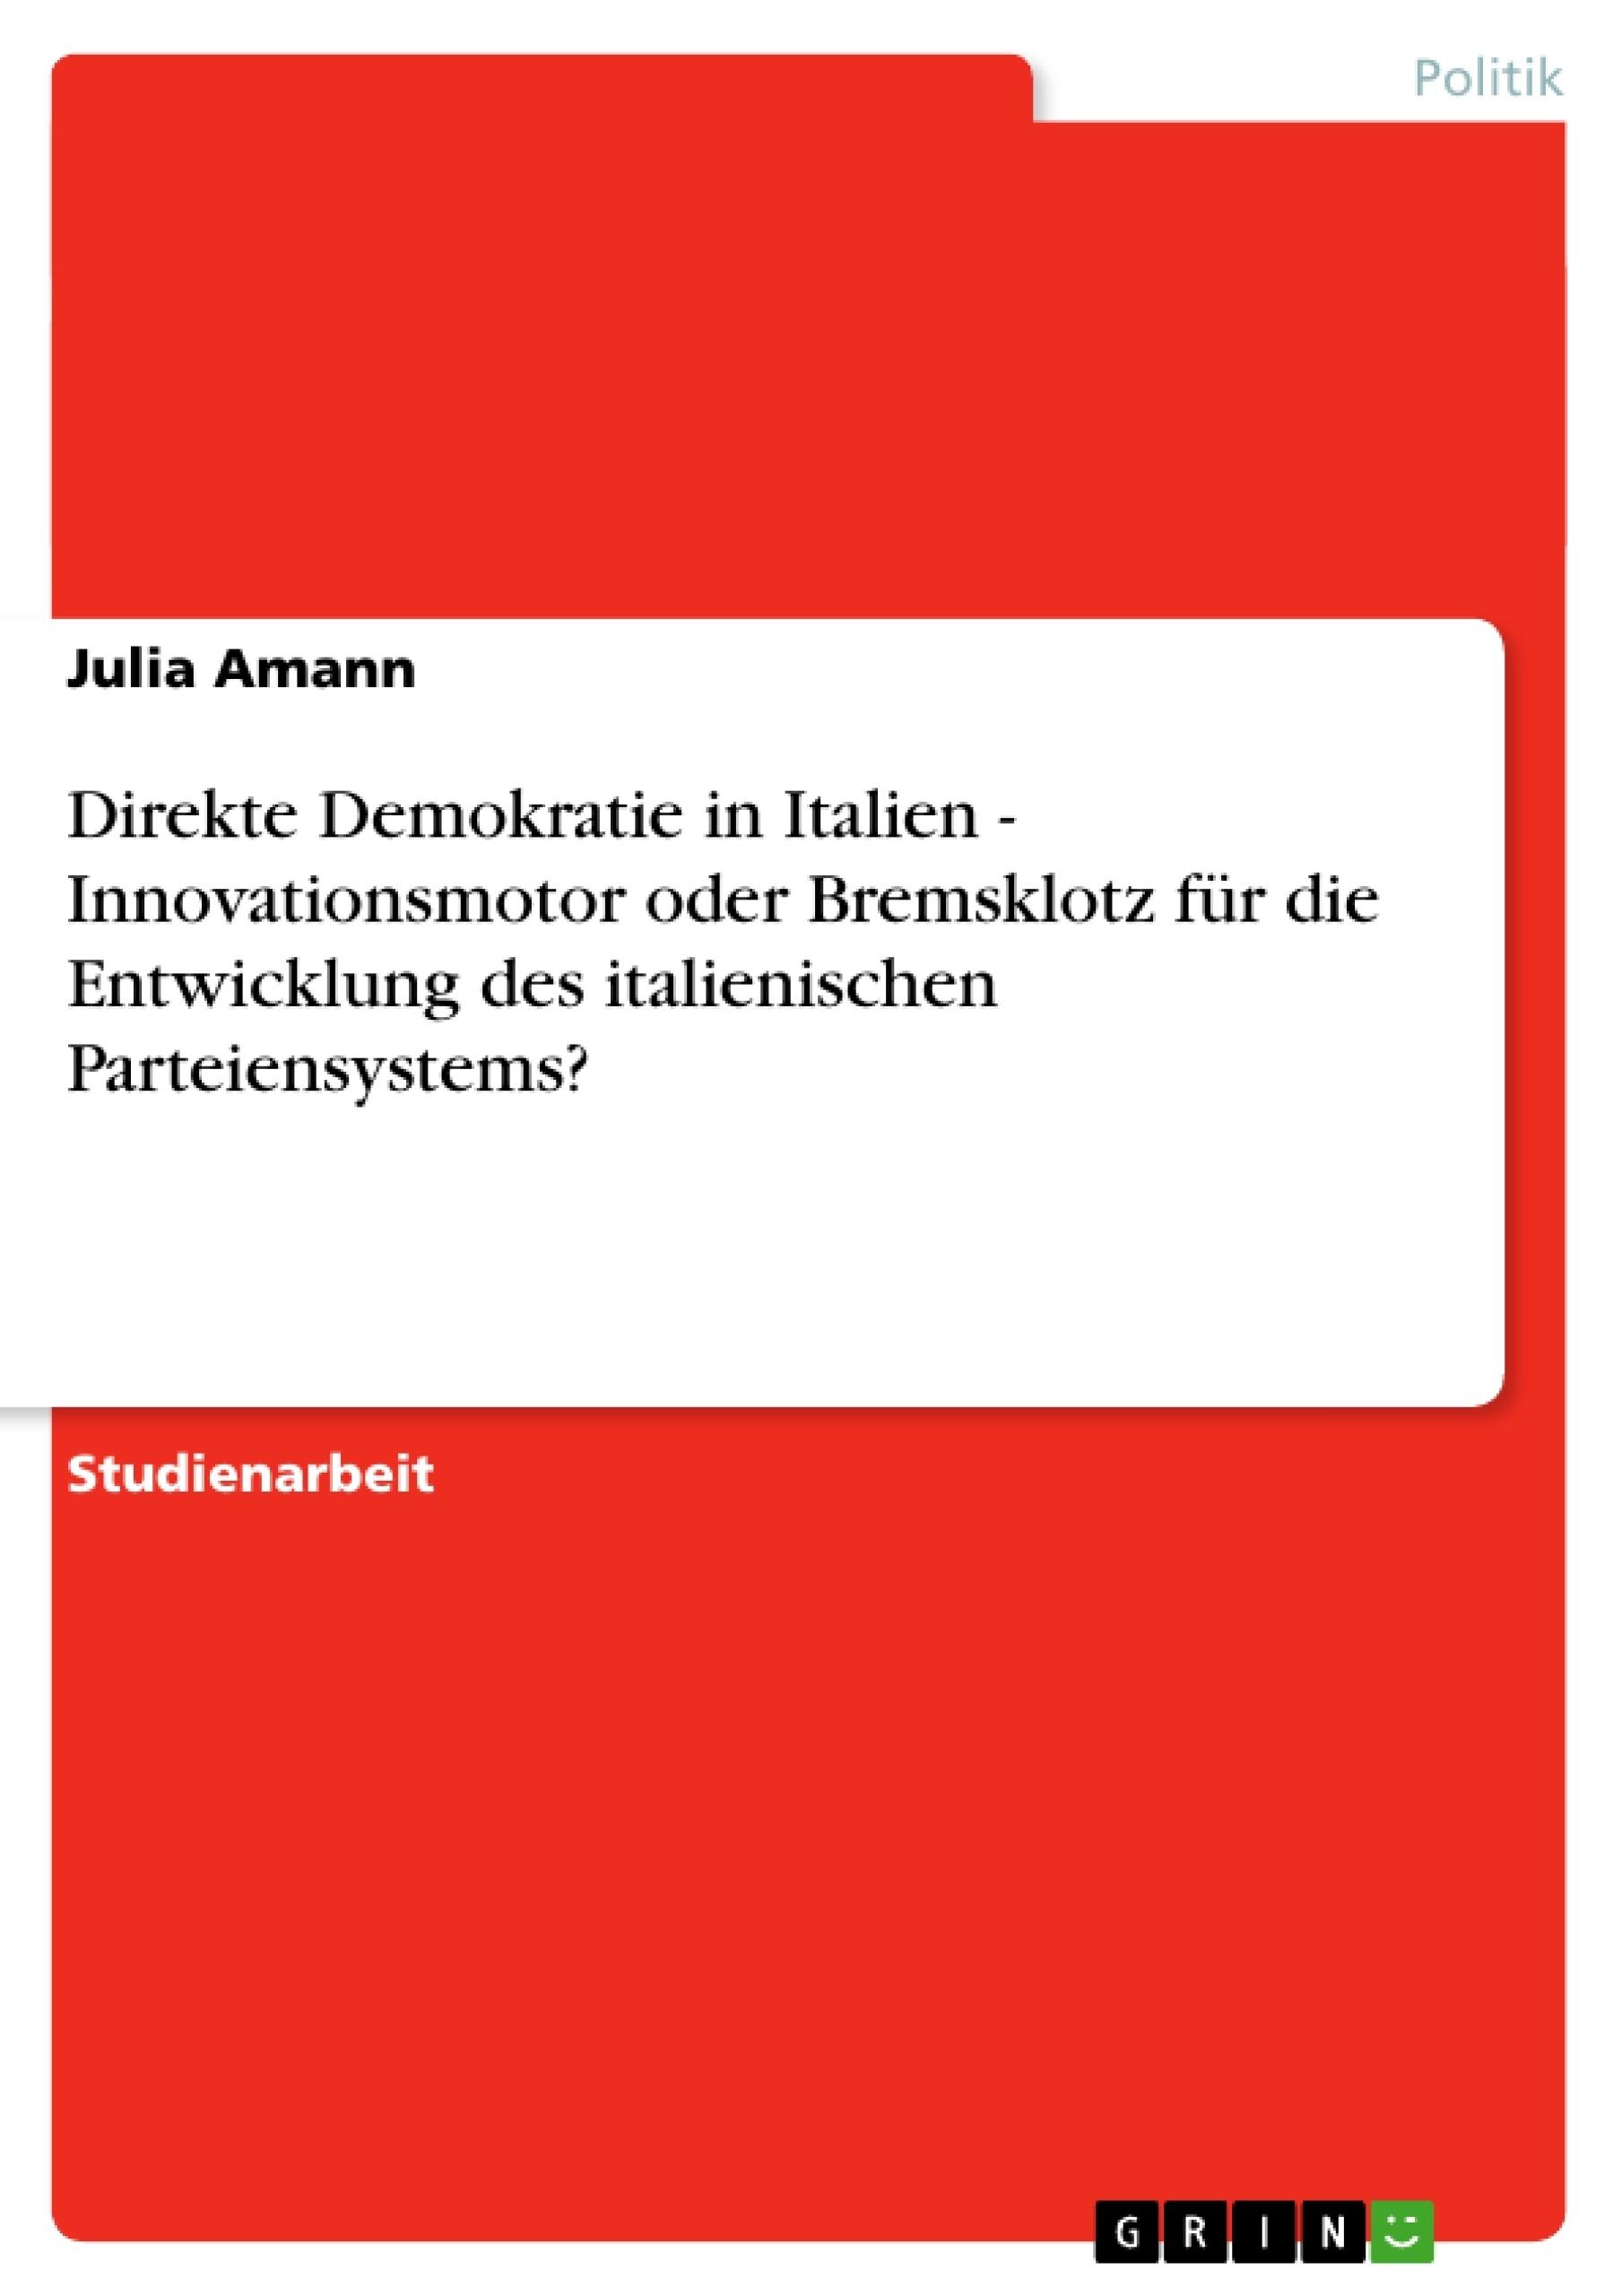 Titel: Direkte Demokratie in Italien - Innovationsmotor oder Bremsklotz für die Entwicklung des italienischen Parteiensystems?